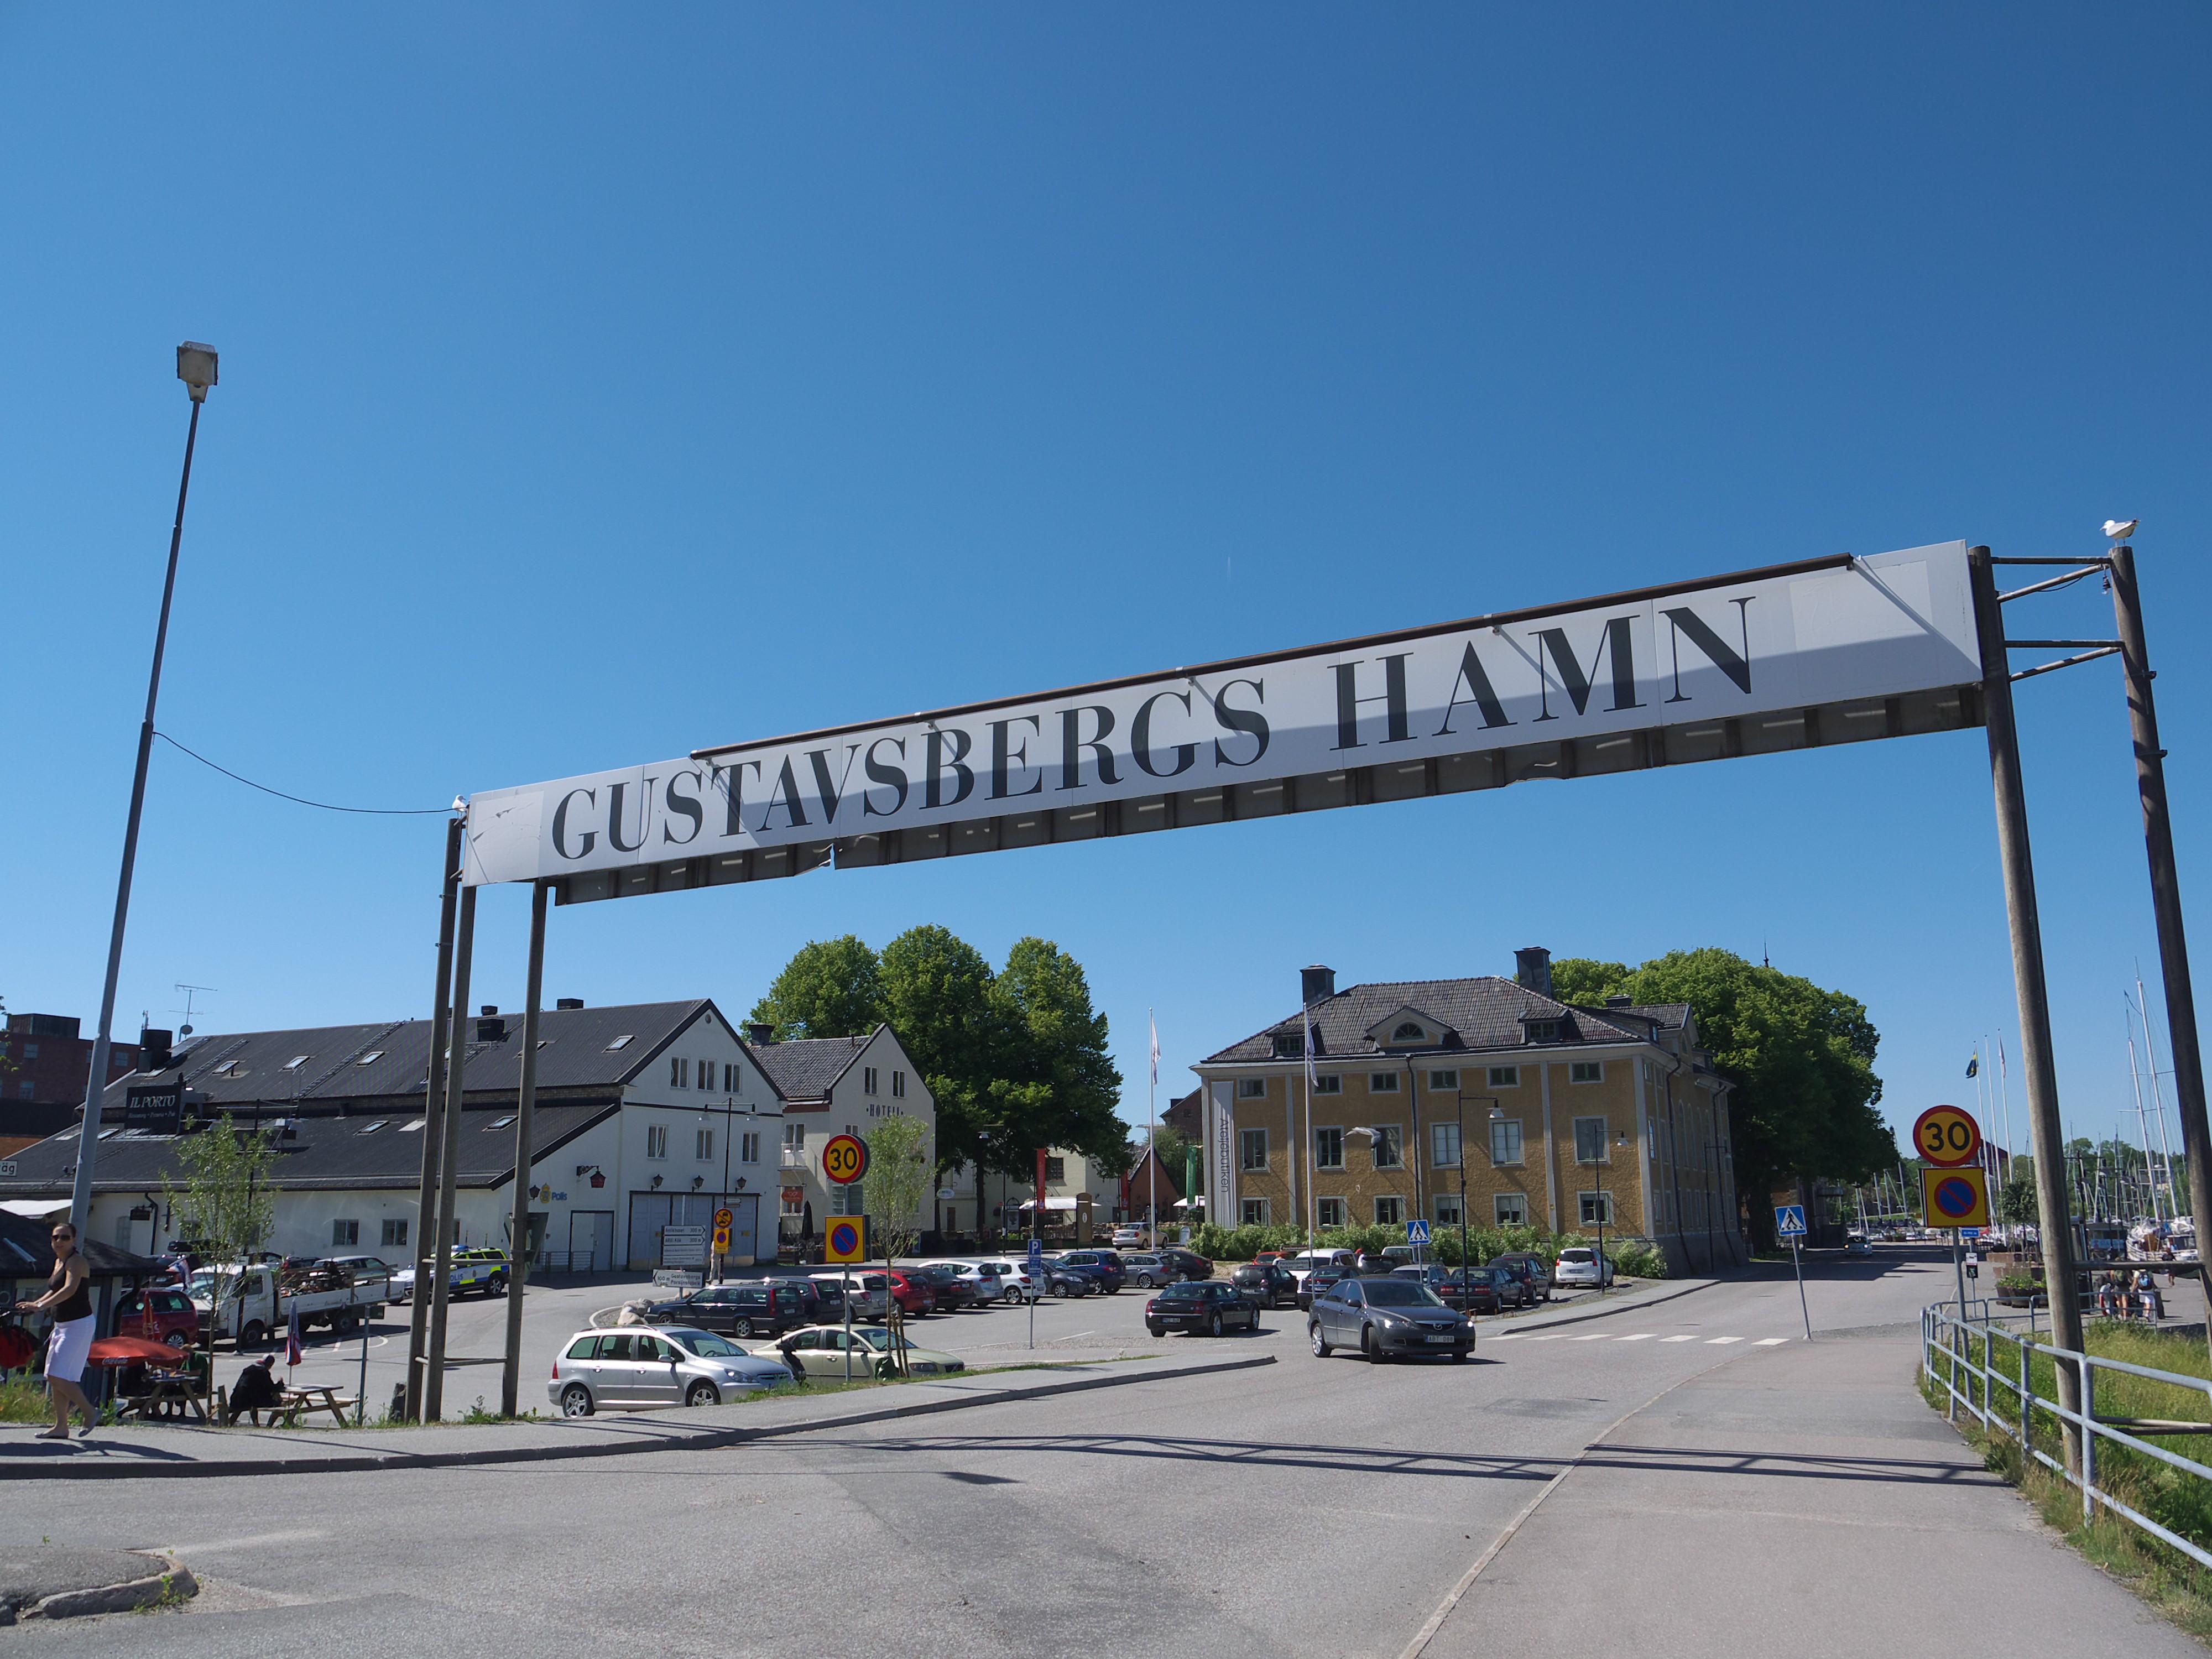 スウェーデン・ストックホルム近郊、ぶらり日帰り旅でお気に入りスポットを見つけよう!